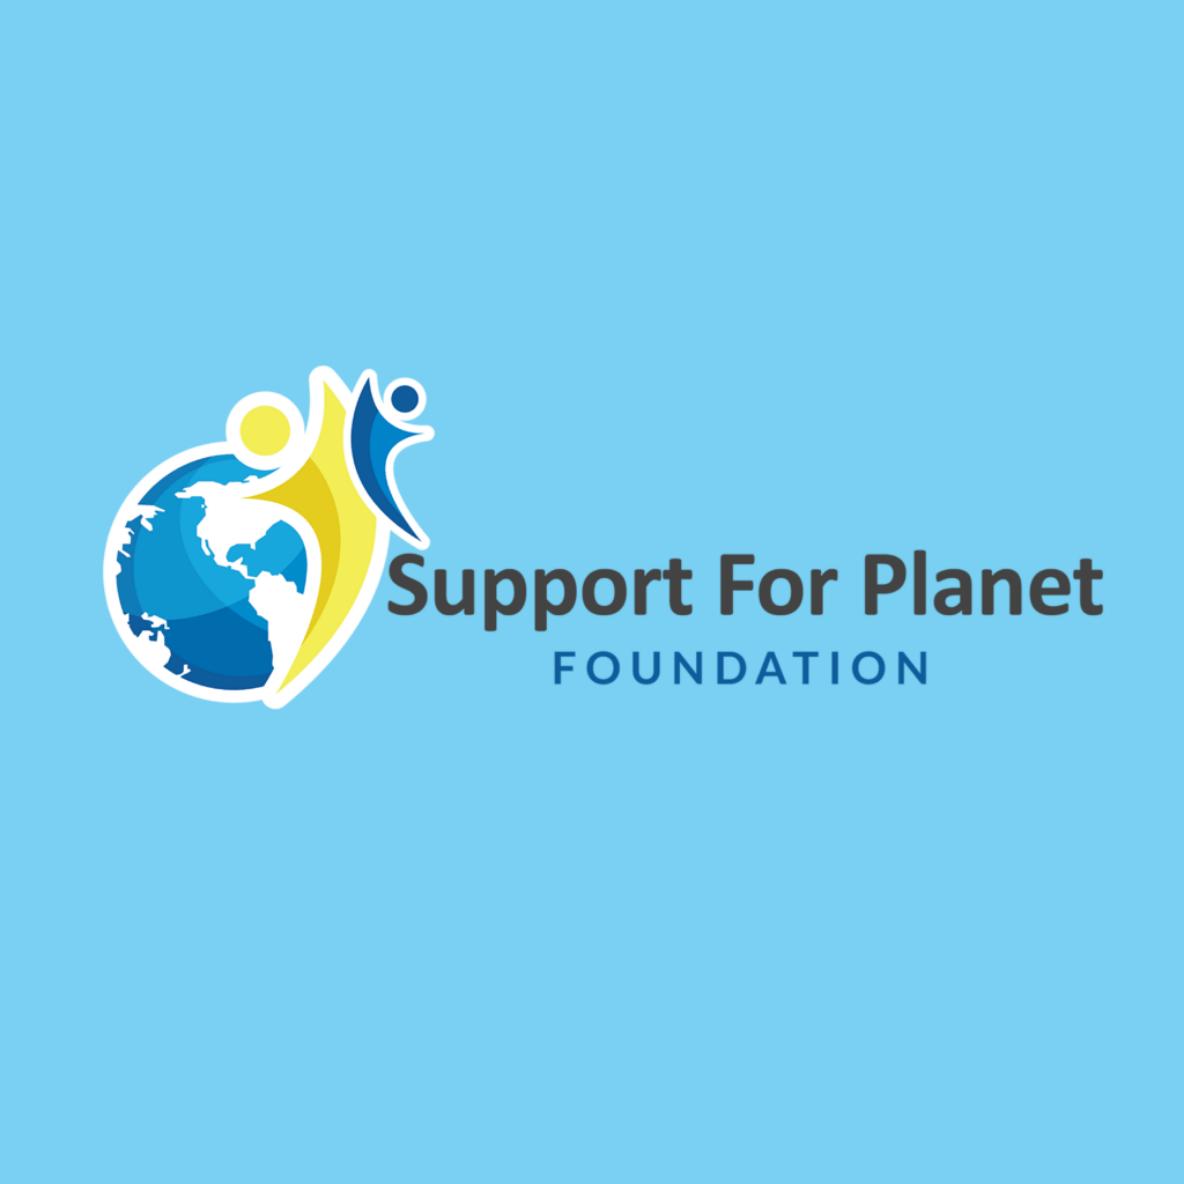 BoBella Branding Agency custom logo design sample for Support for Planet Foundation